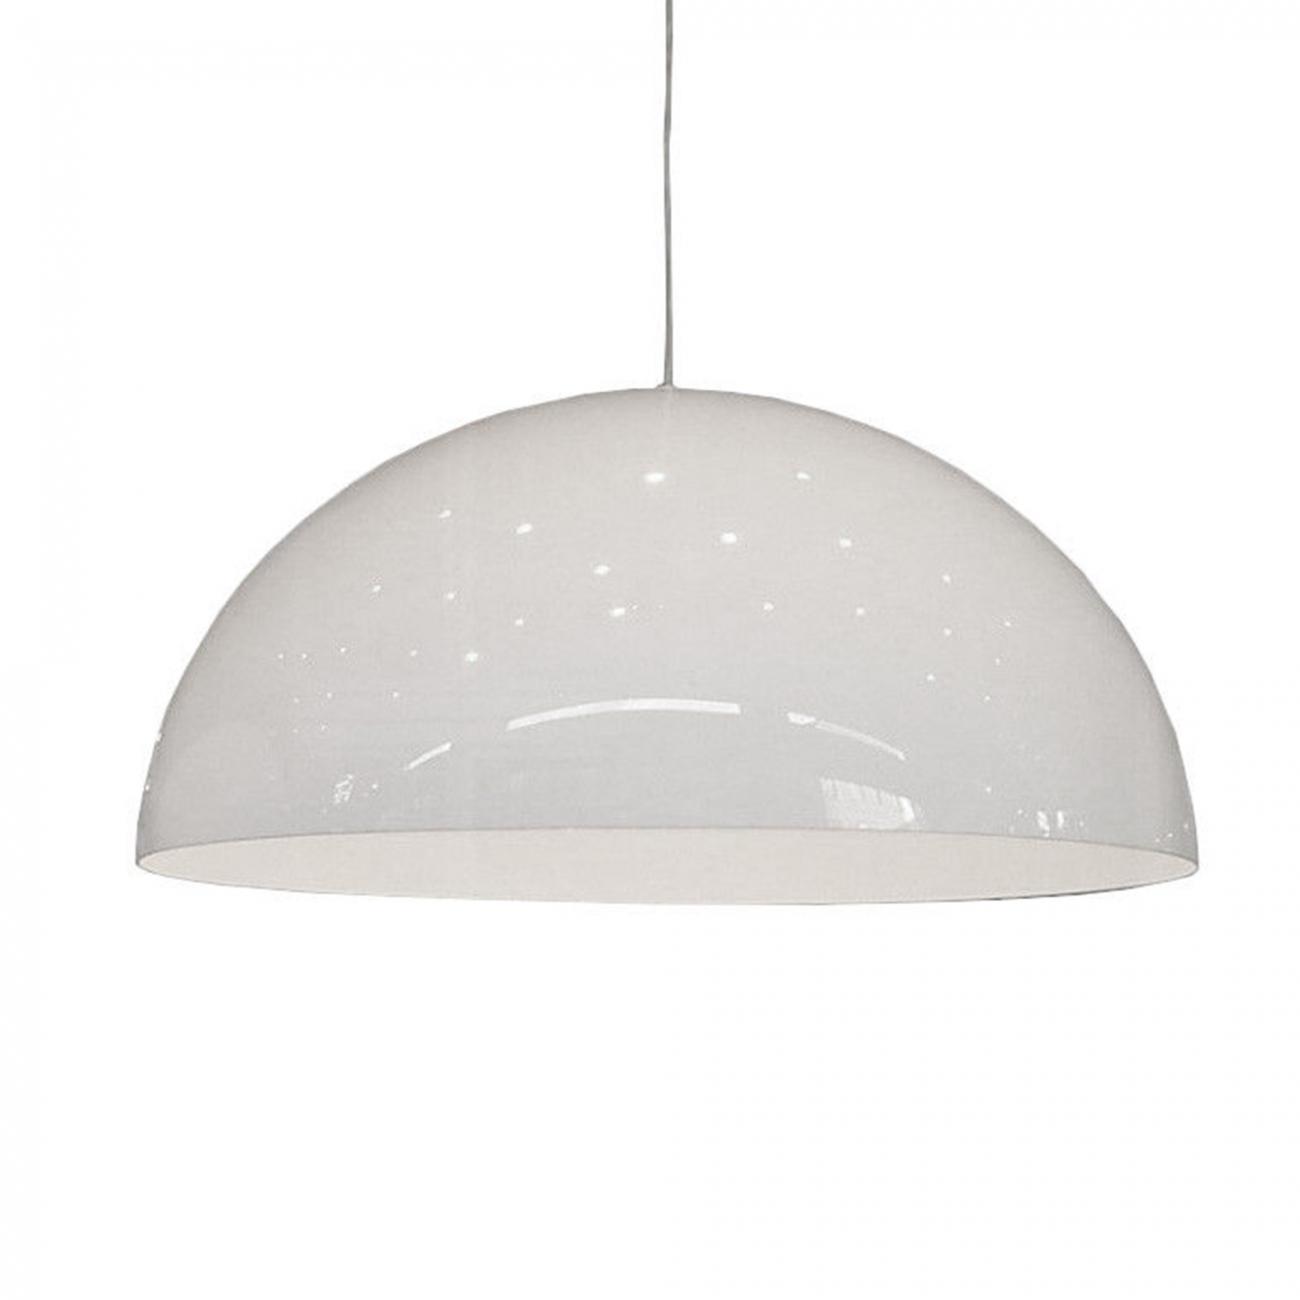 OLuce Sonora 493 Suspension lamp